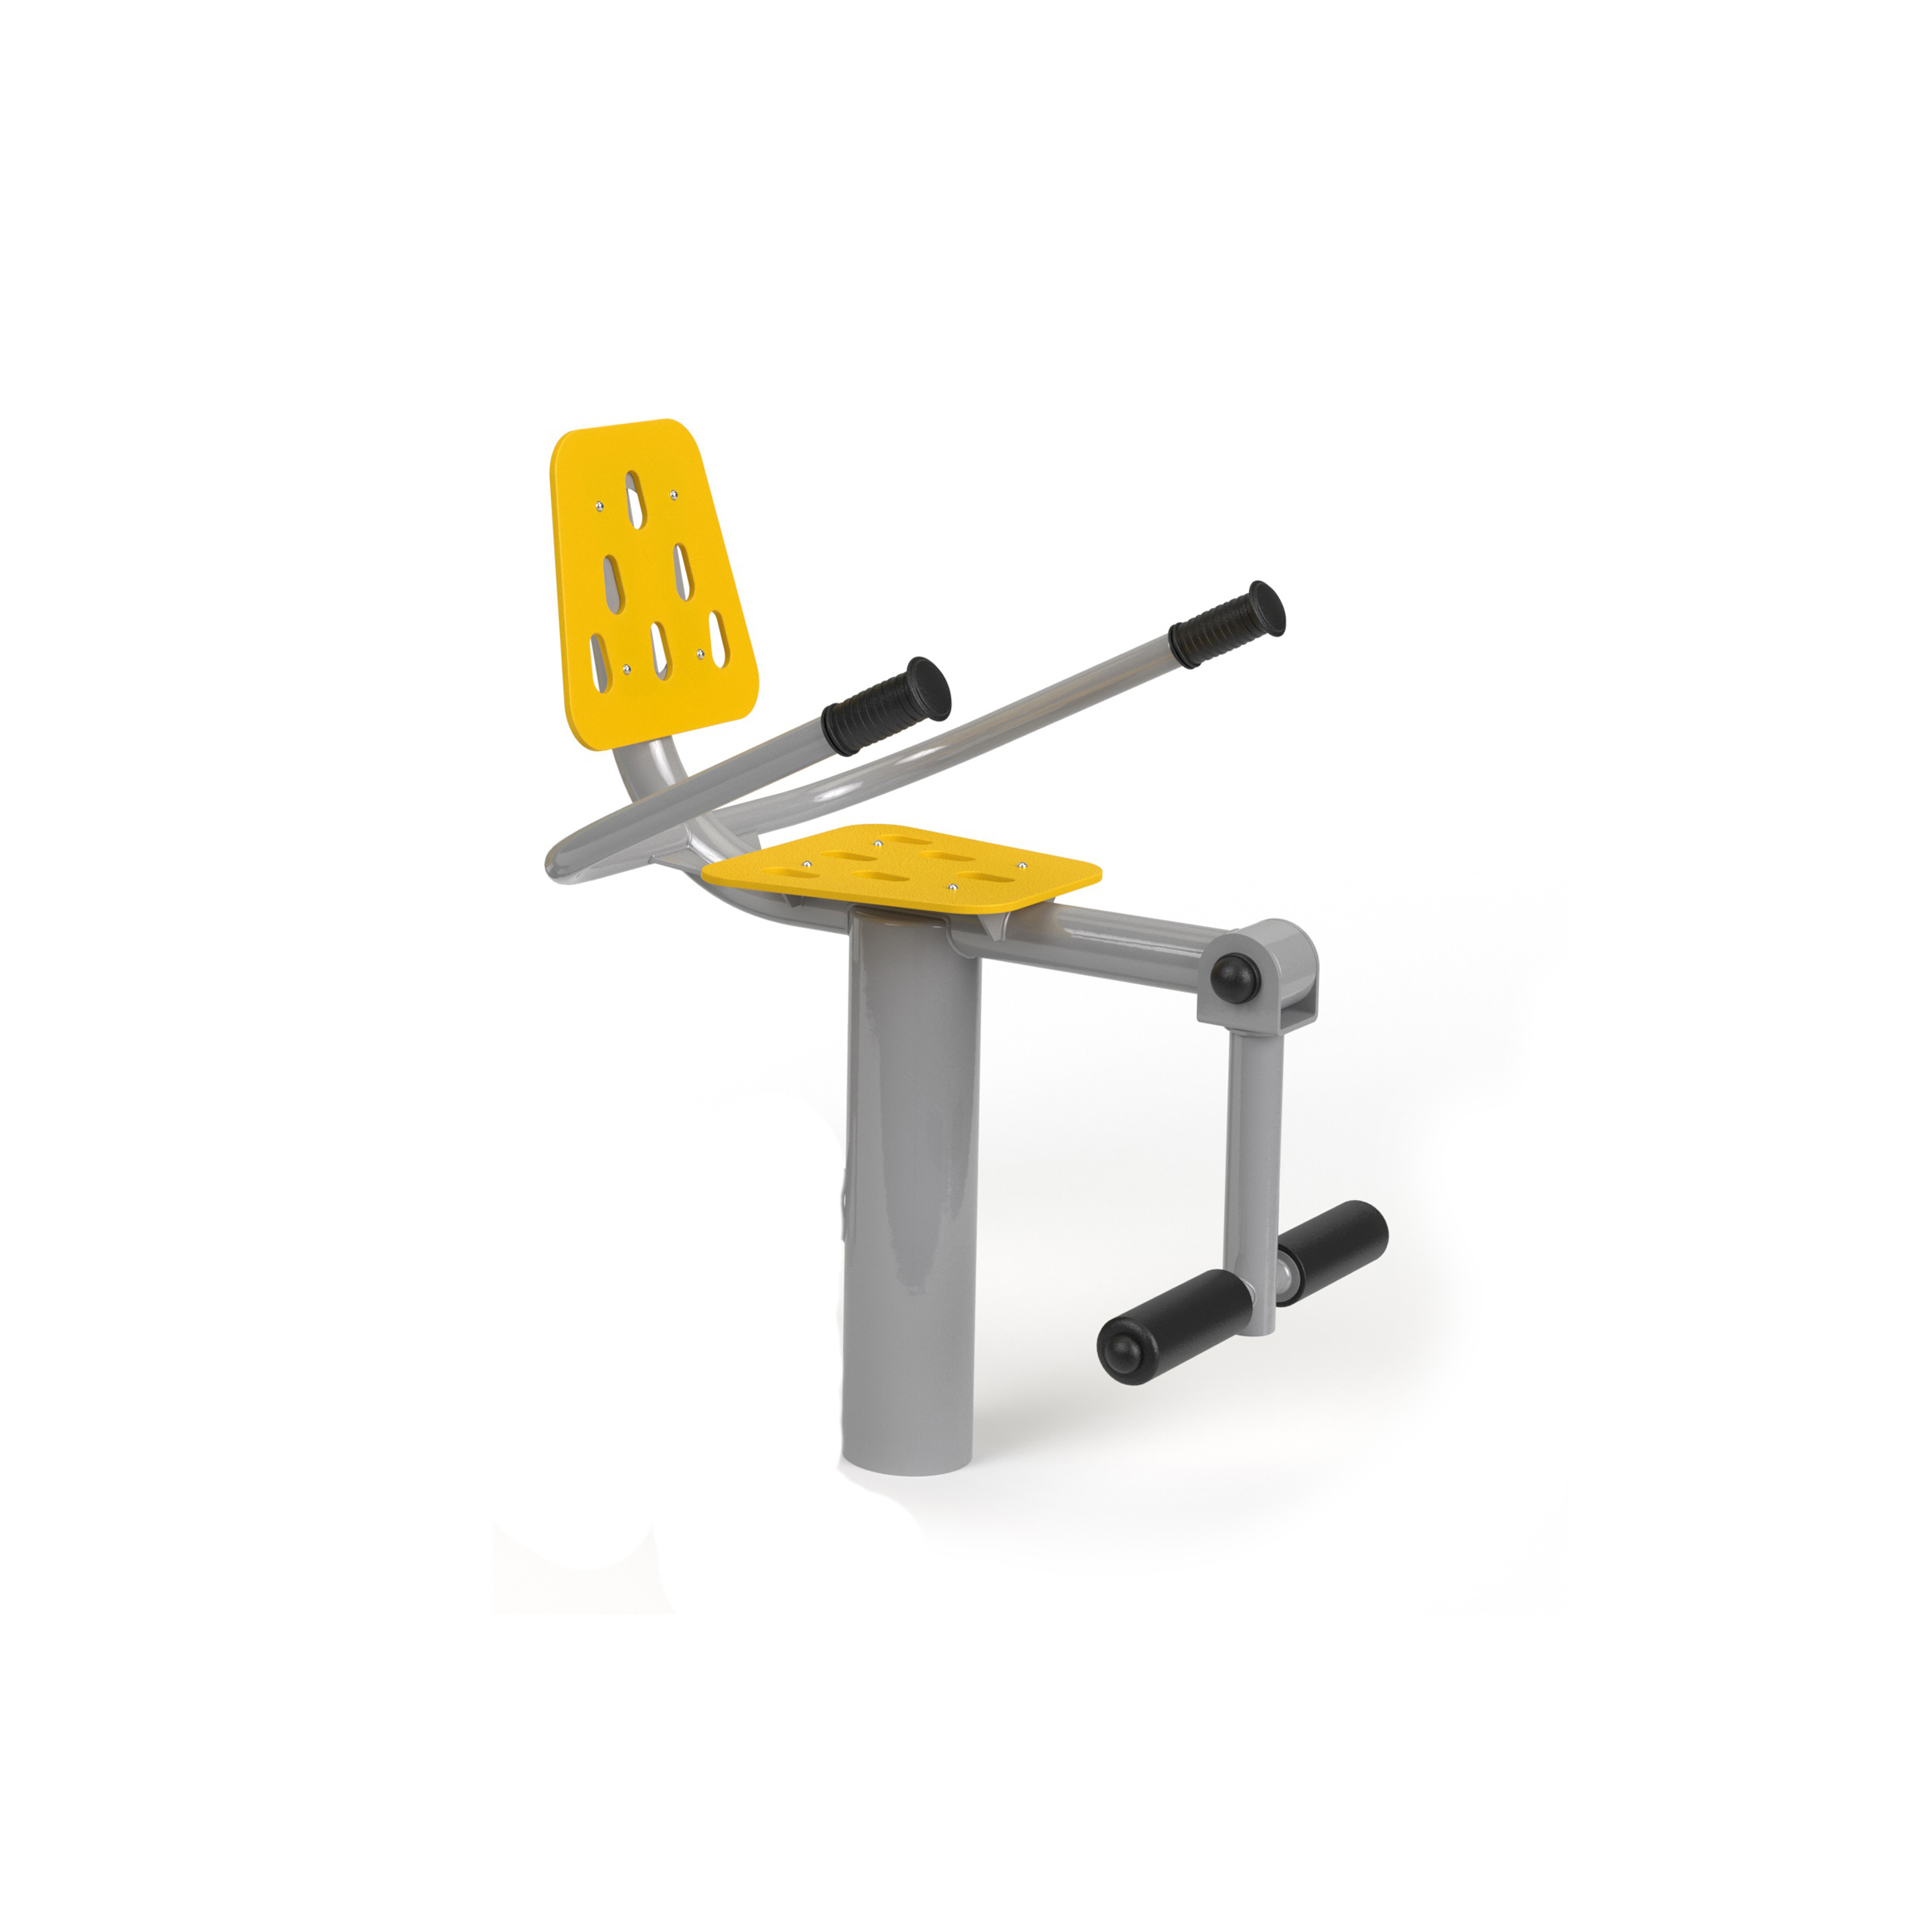 Leg Lifter Outdoor Fitness Equipment